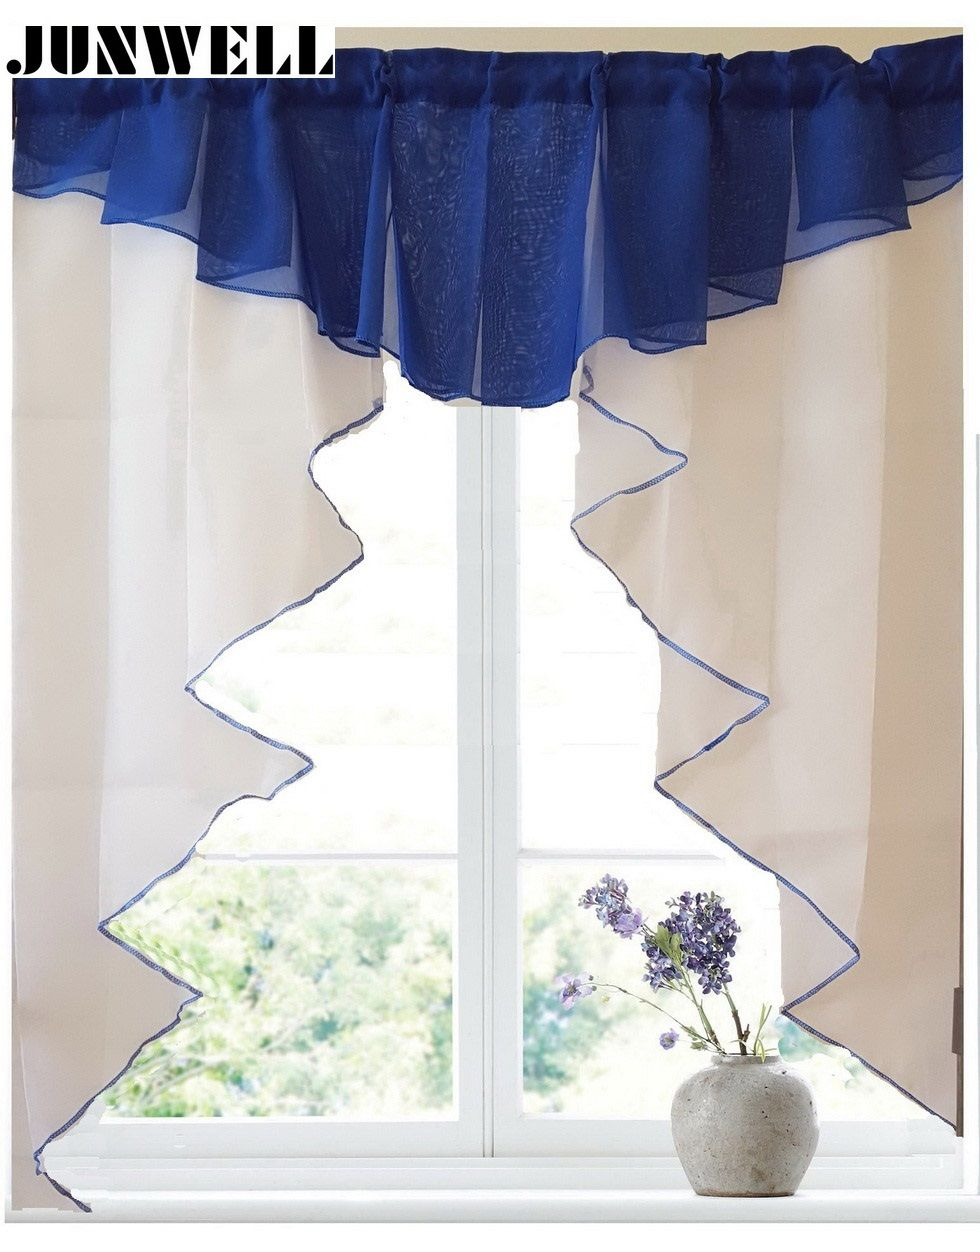 11 couleurs mode rideau romain plissé Design couture couleurs Tulle balcon cuisine fenêtre rideau aveugle 1 pc